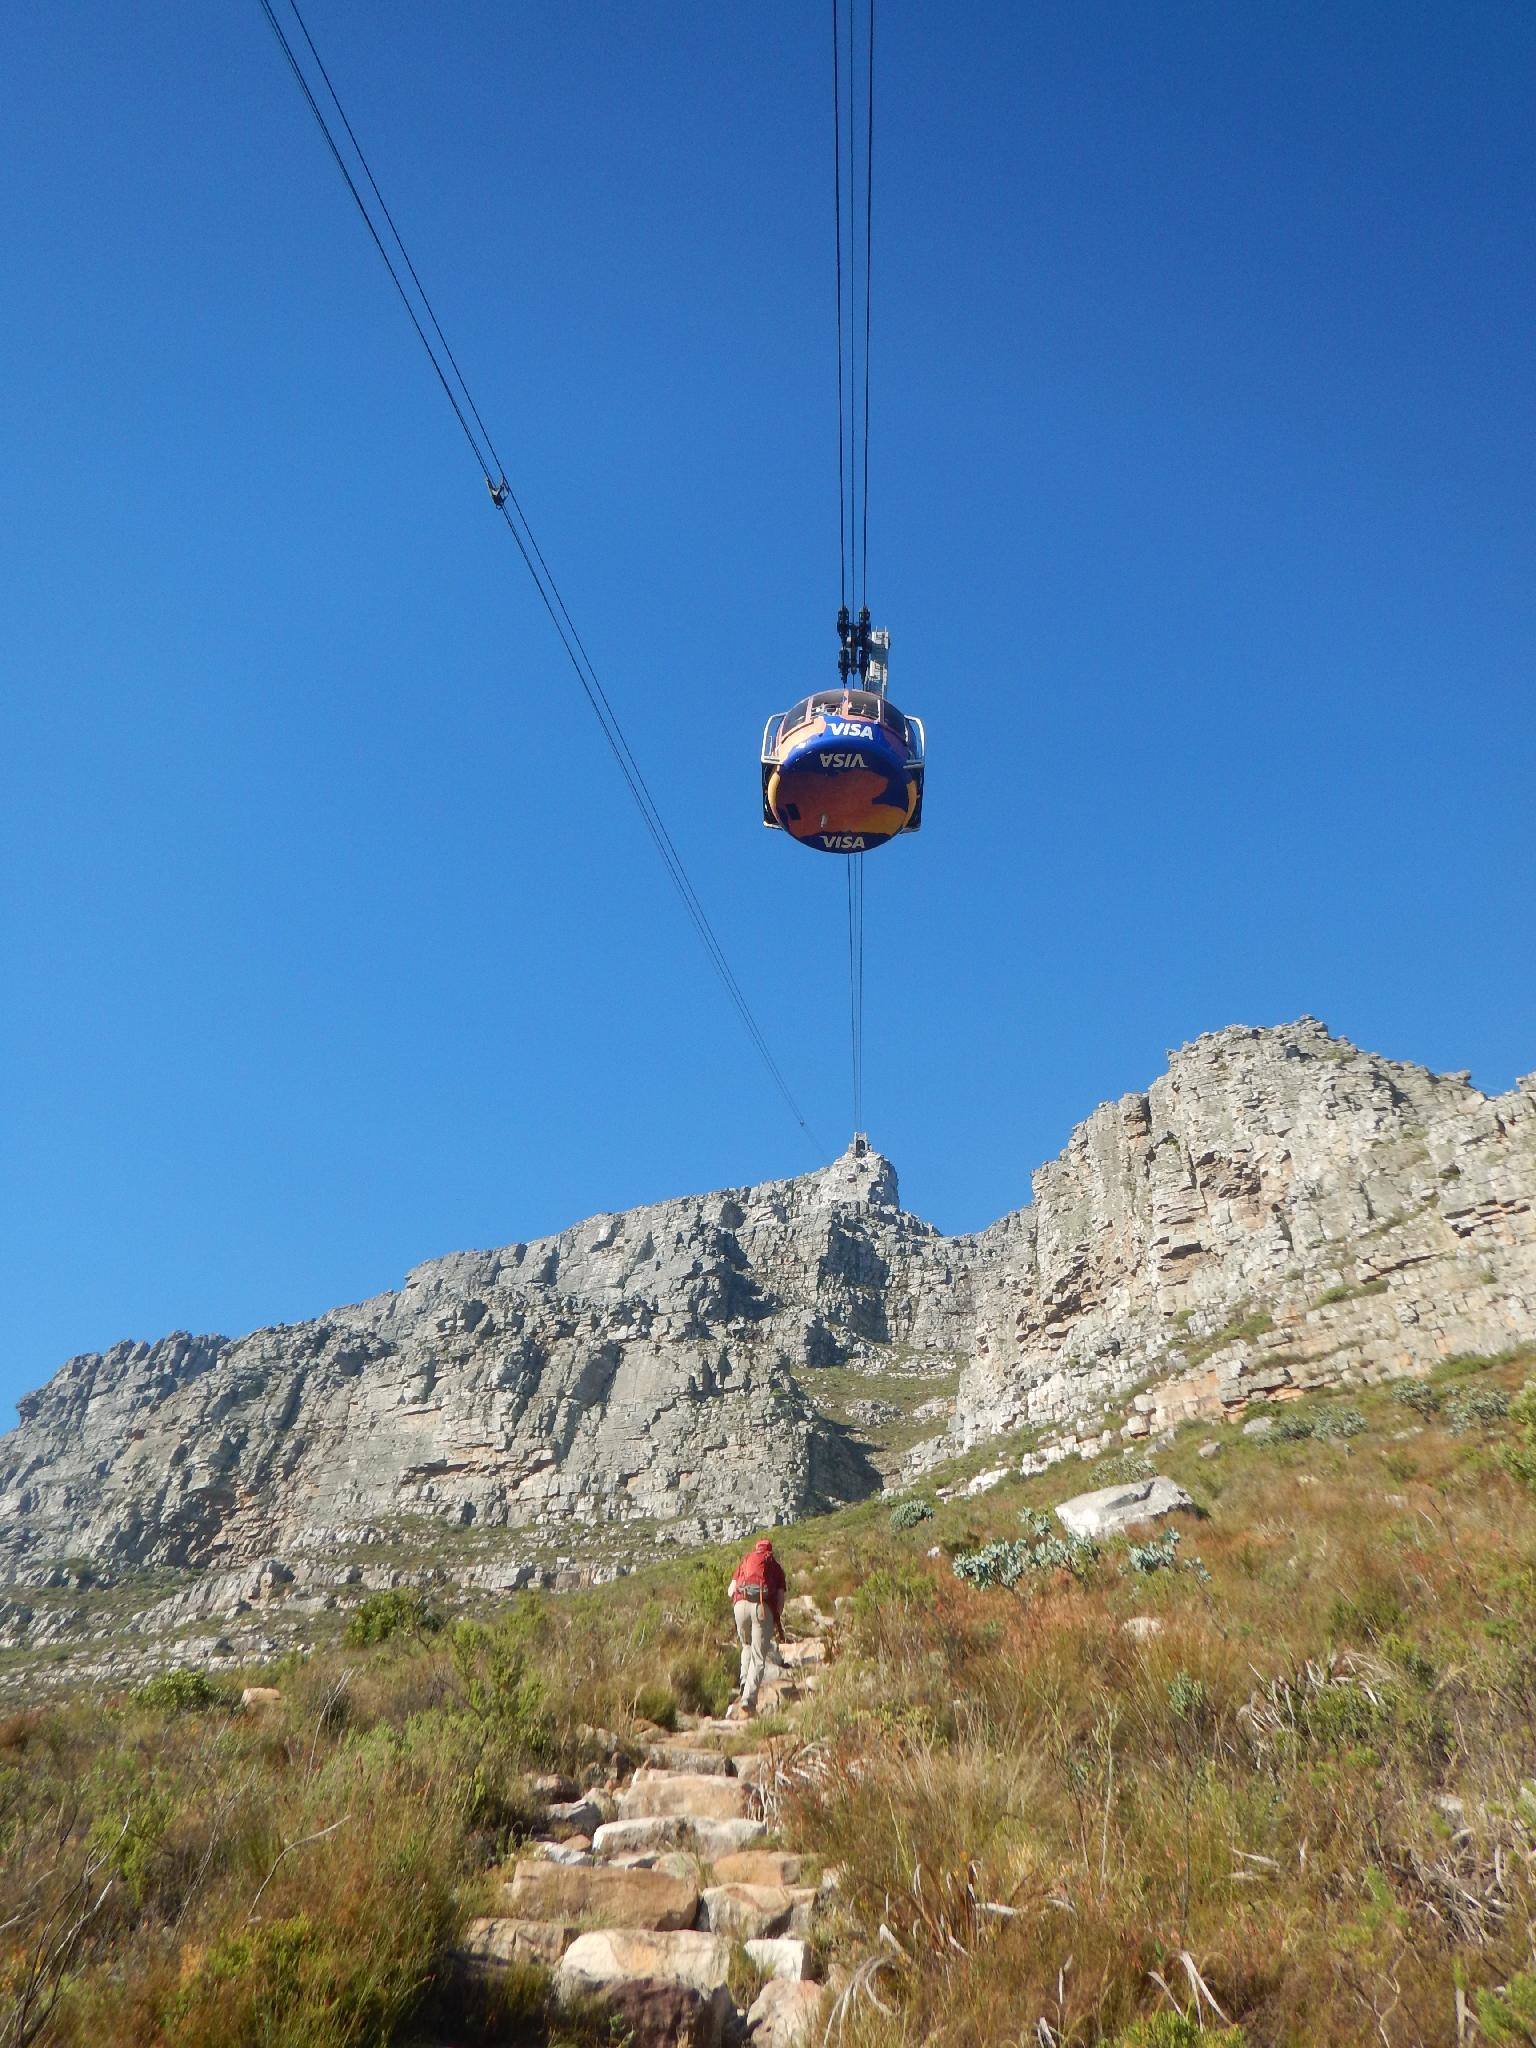 Hiking Platteklip Gorge Cape Town South Africa Road Trip Ryan Plasttekpp